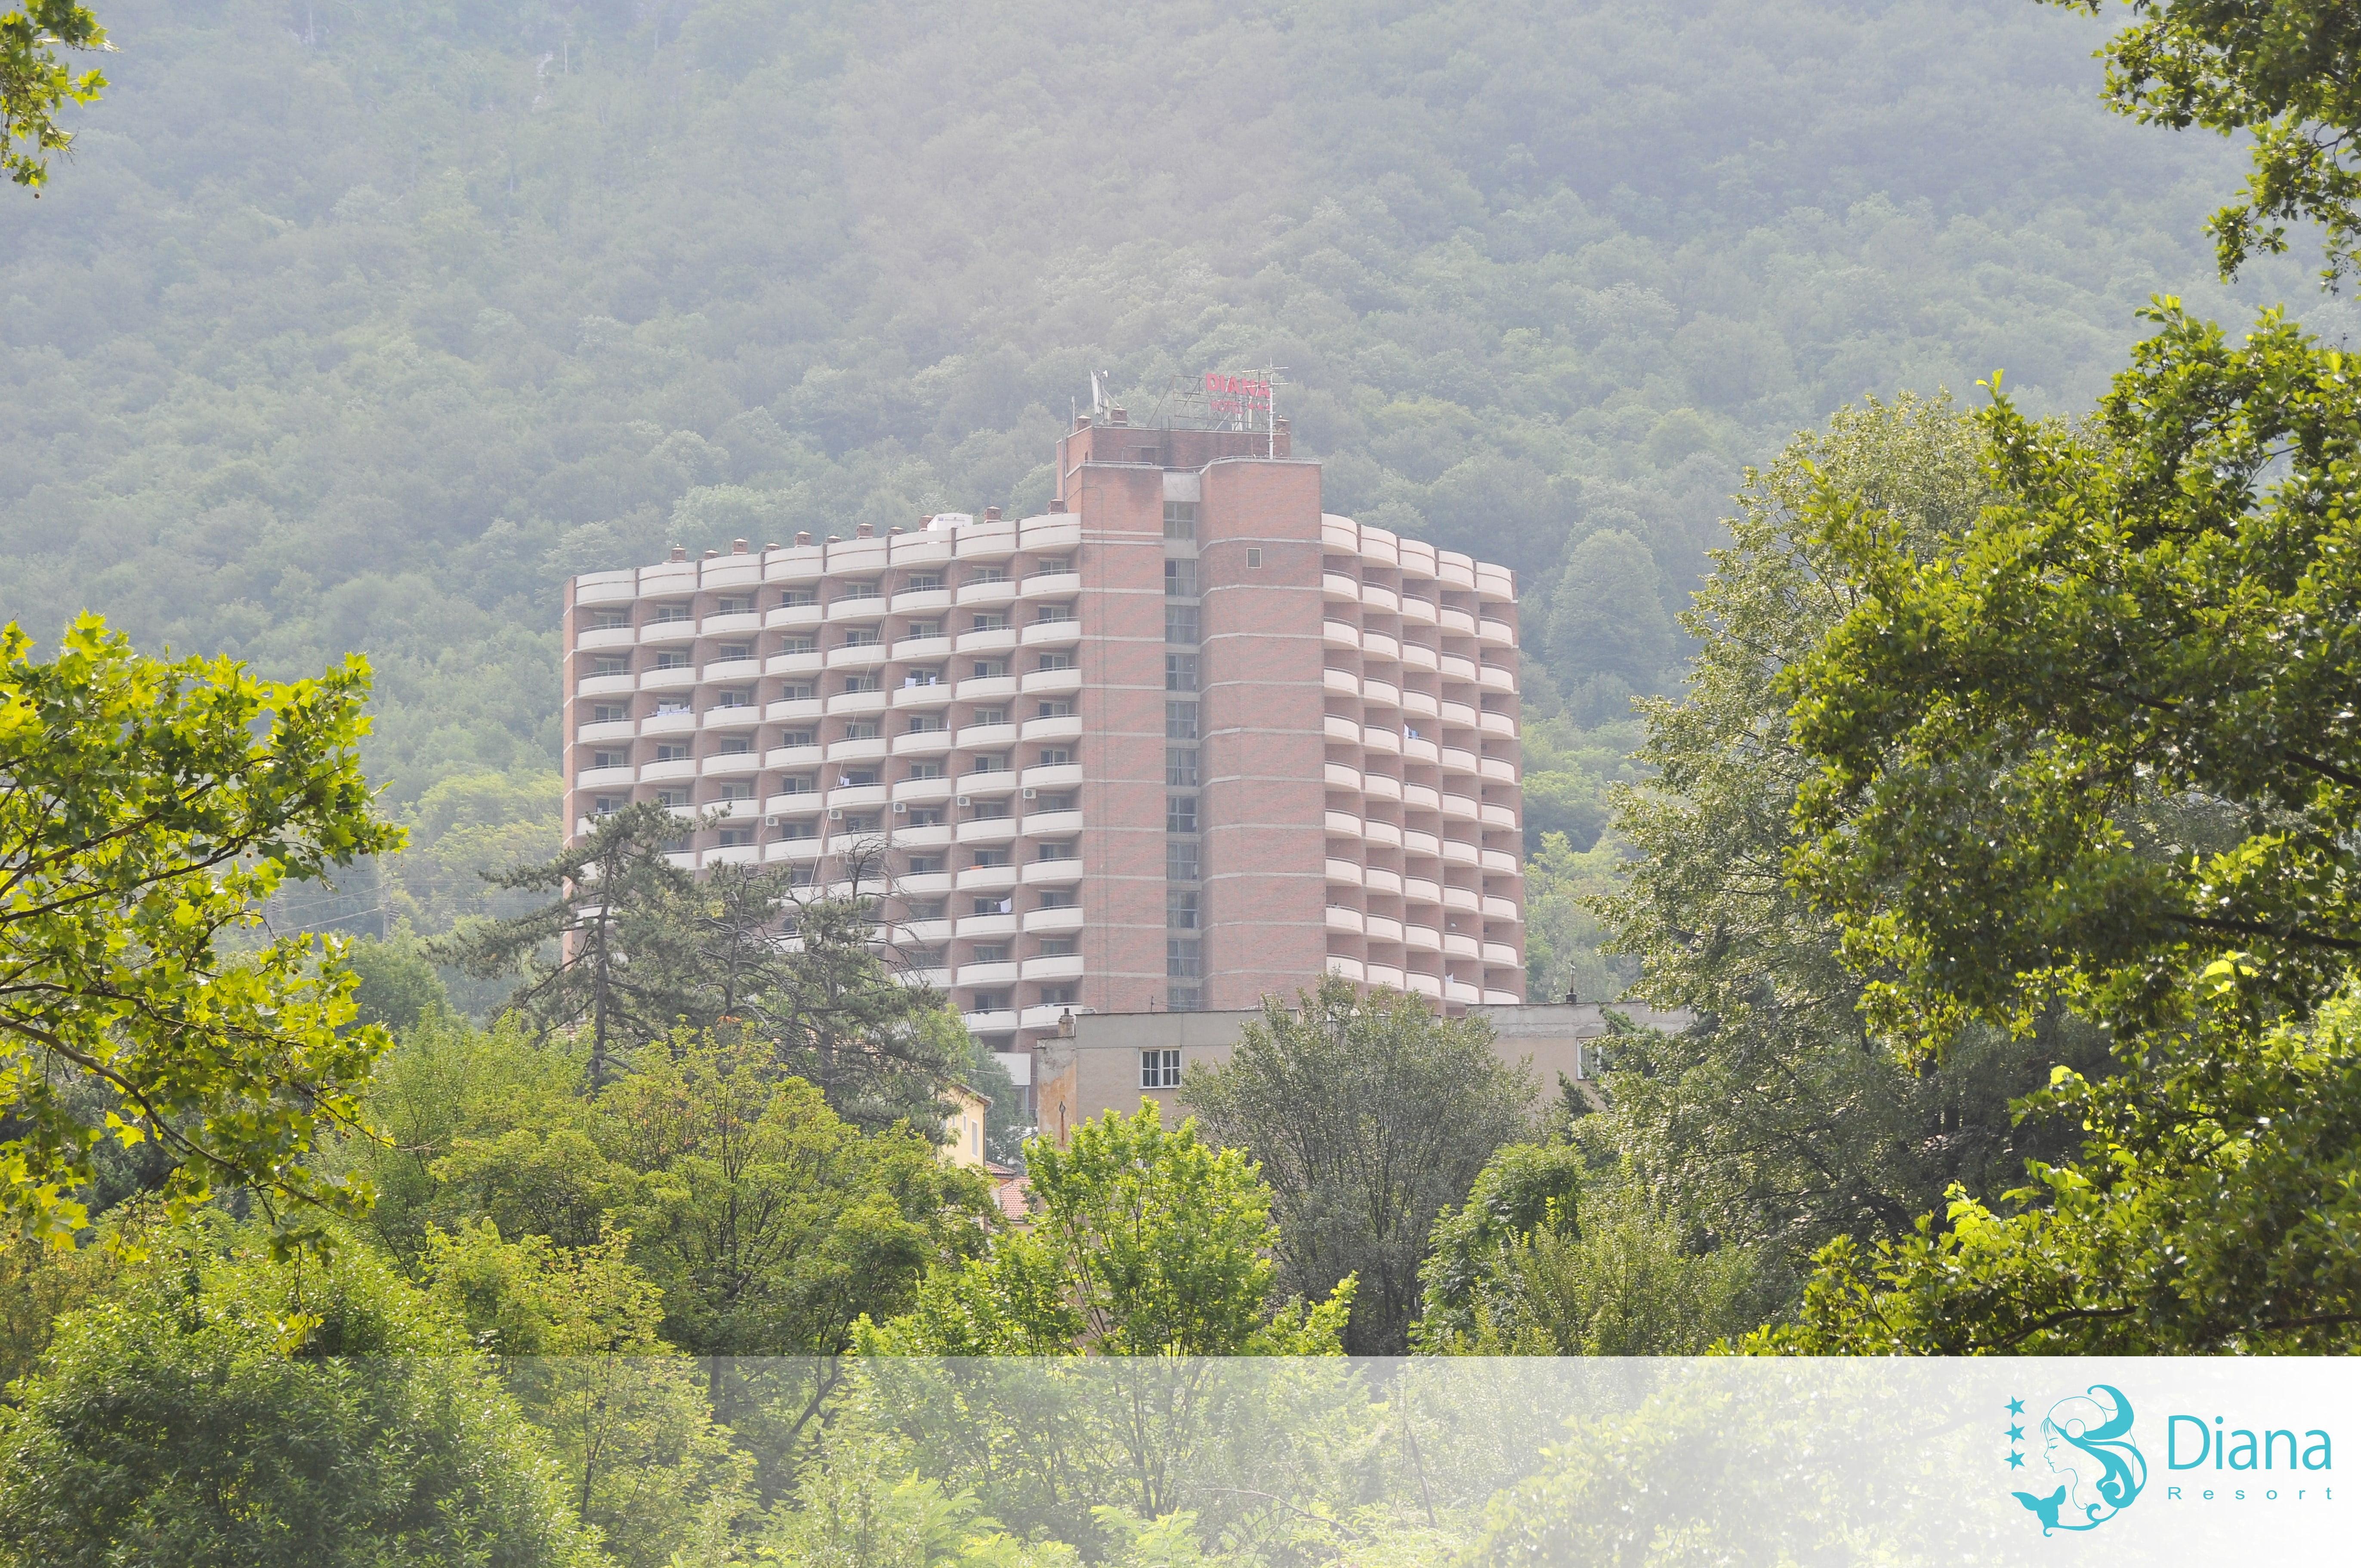 DIANA SPA – o locație proaspăt inaugurată în cadrul Diana Resort, Baile Herculane